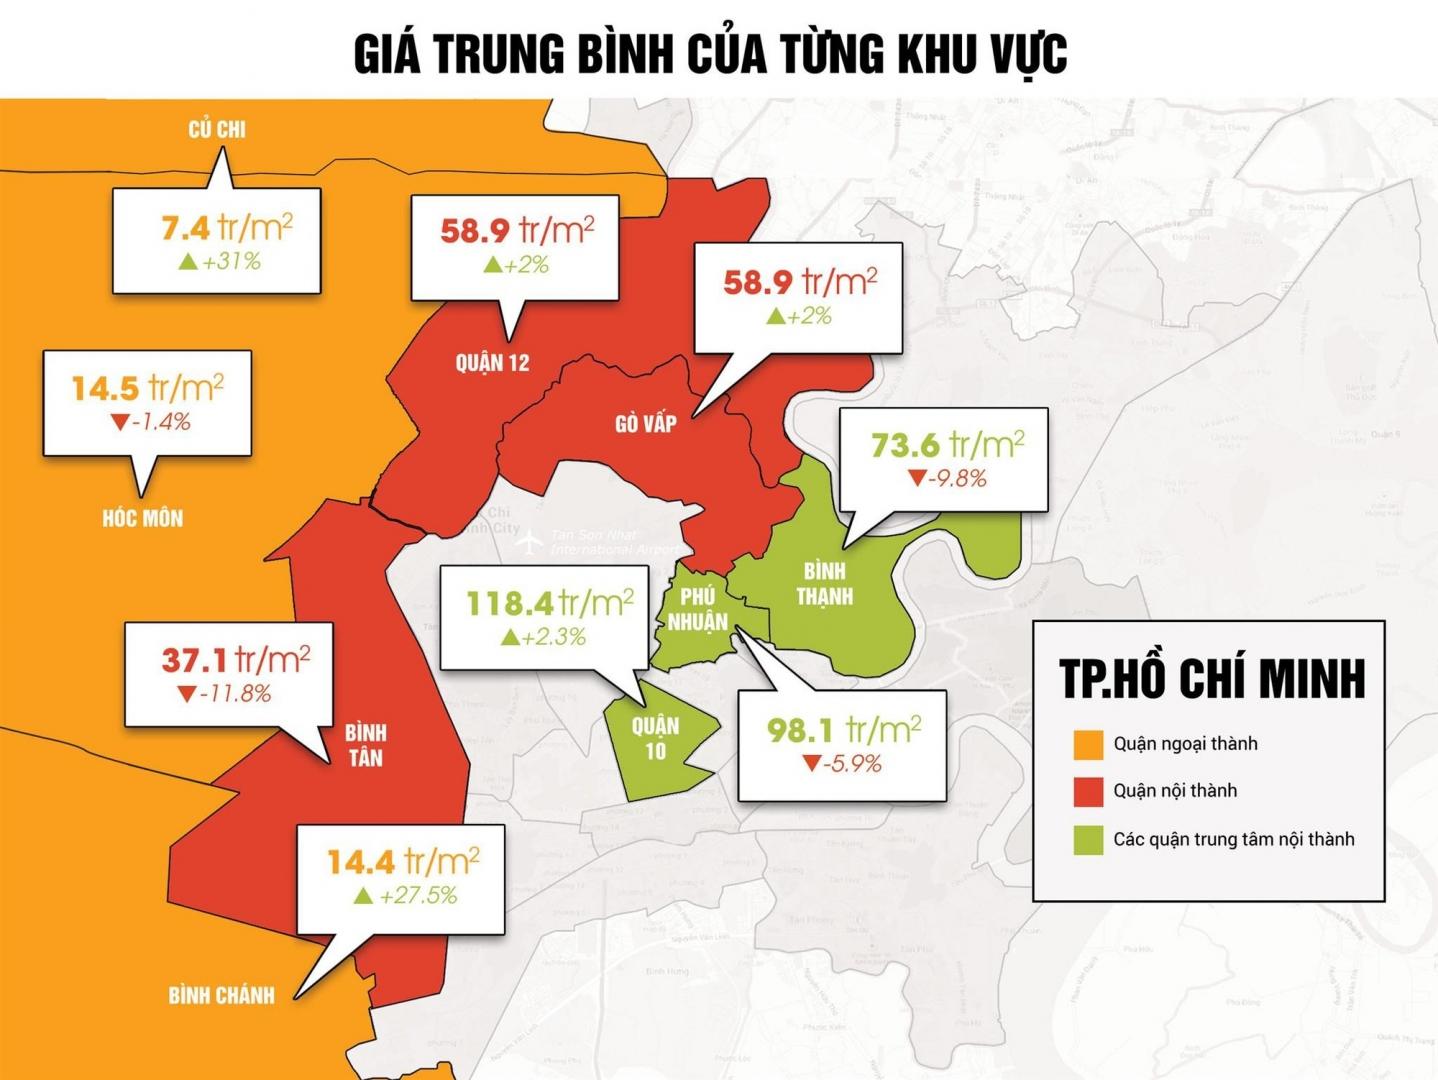 Topics tagged under datcangiogiare on Diễn đàn rao vặt - Đăng tin rao vặt miễn phí hiệu quả Dat-can-gio-cu-chi-tang-nong-vuot-nguong-gia-tri-thuc-ccpgv